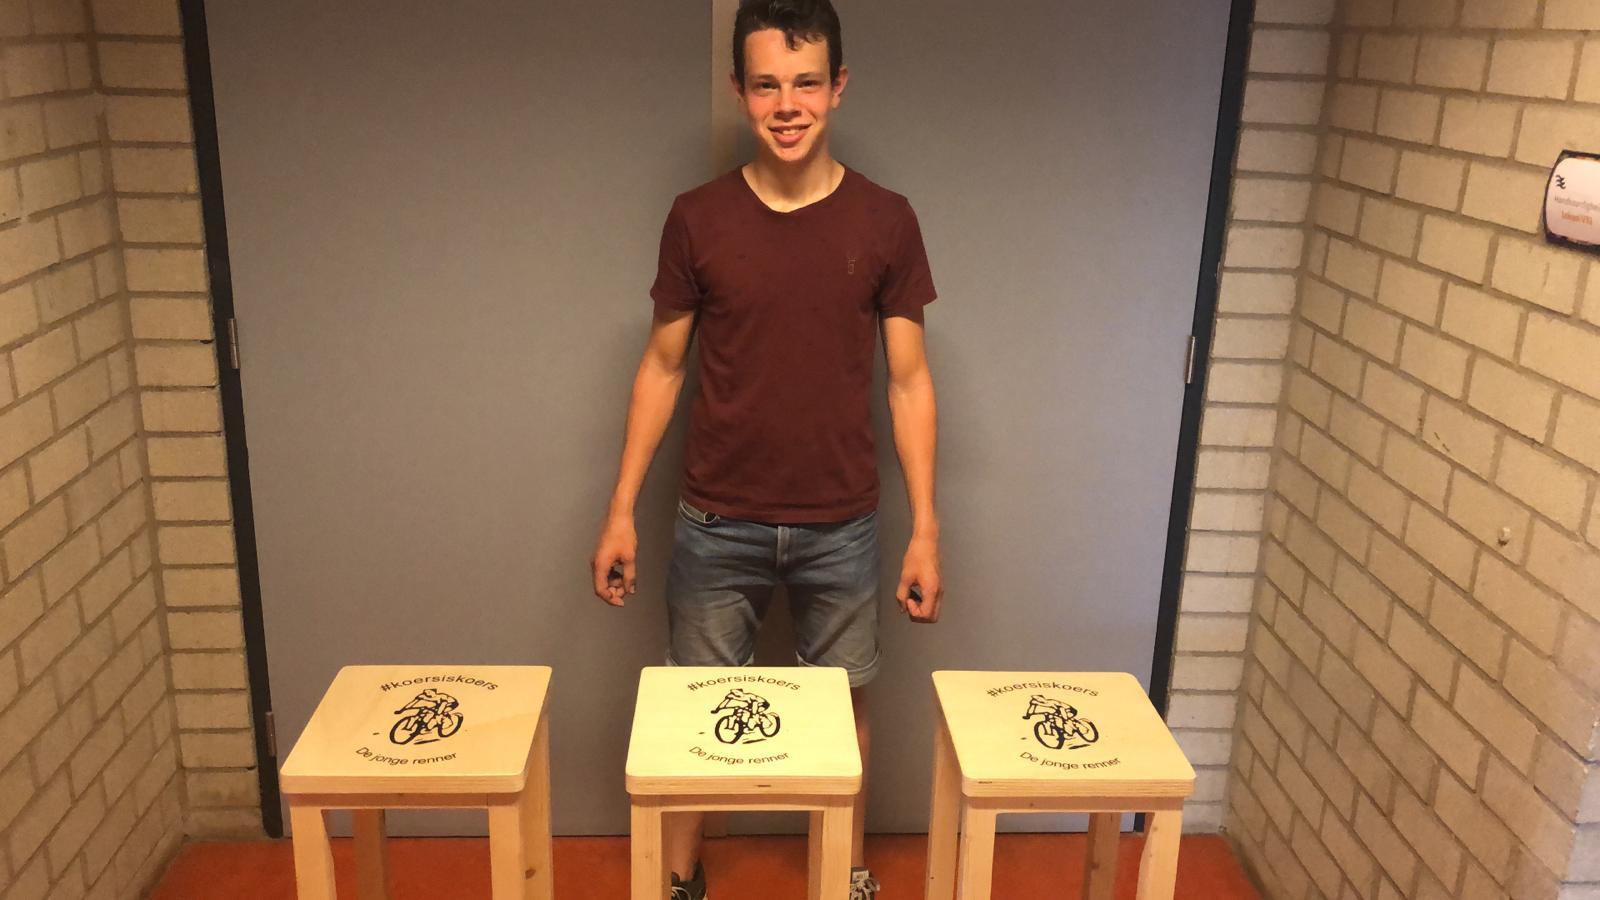 Barkrukken clubhuis De Jonge Renner Bart Rutten 7